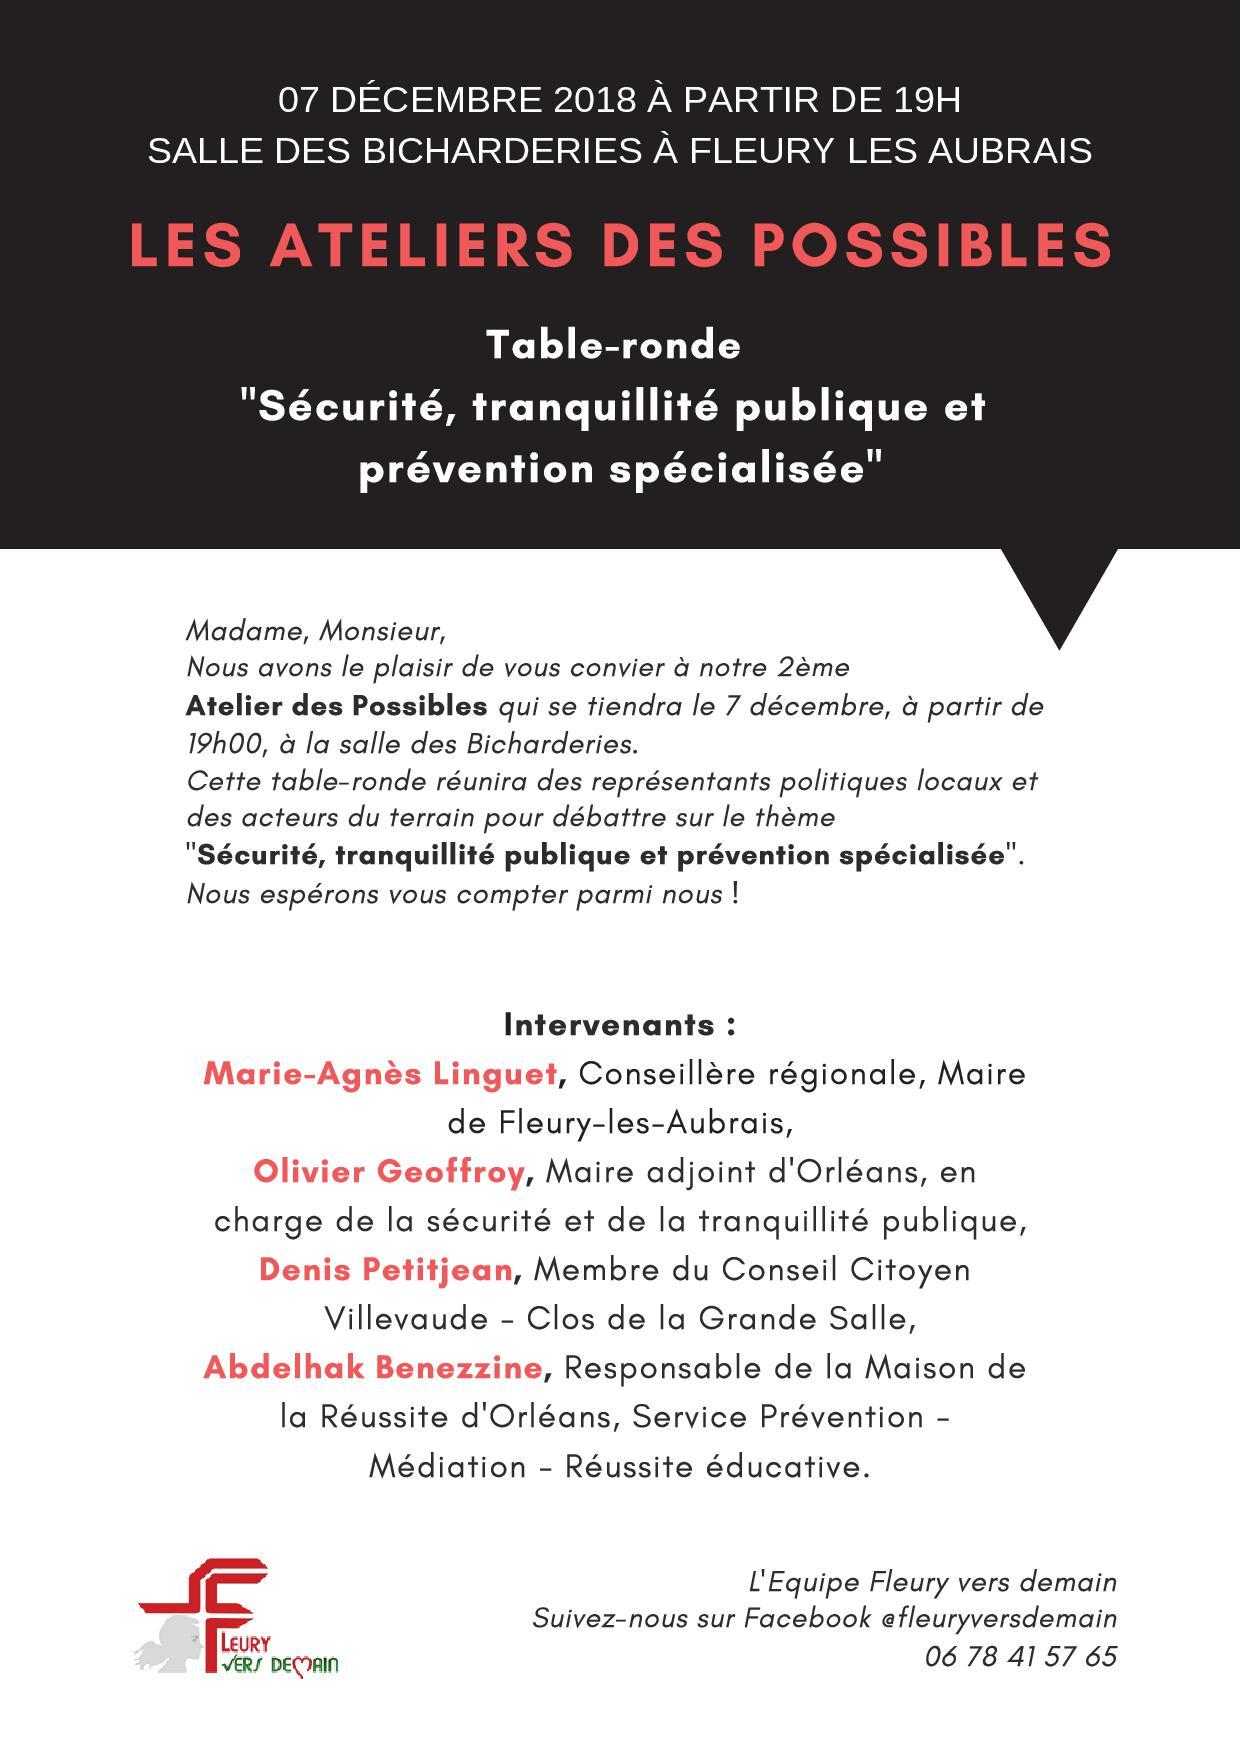 LES ATELIERS DES POSSIBLES_PRINT-1.jpg